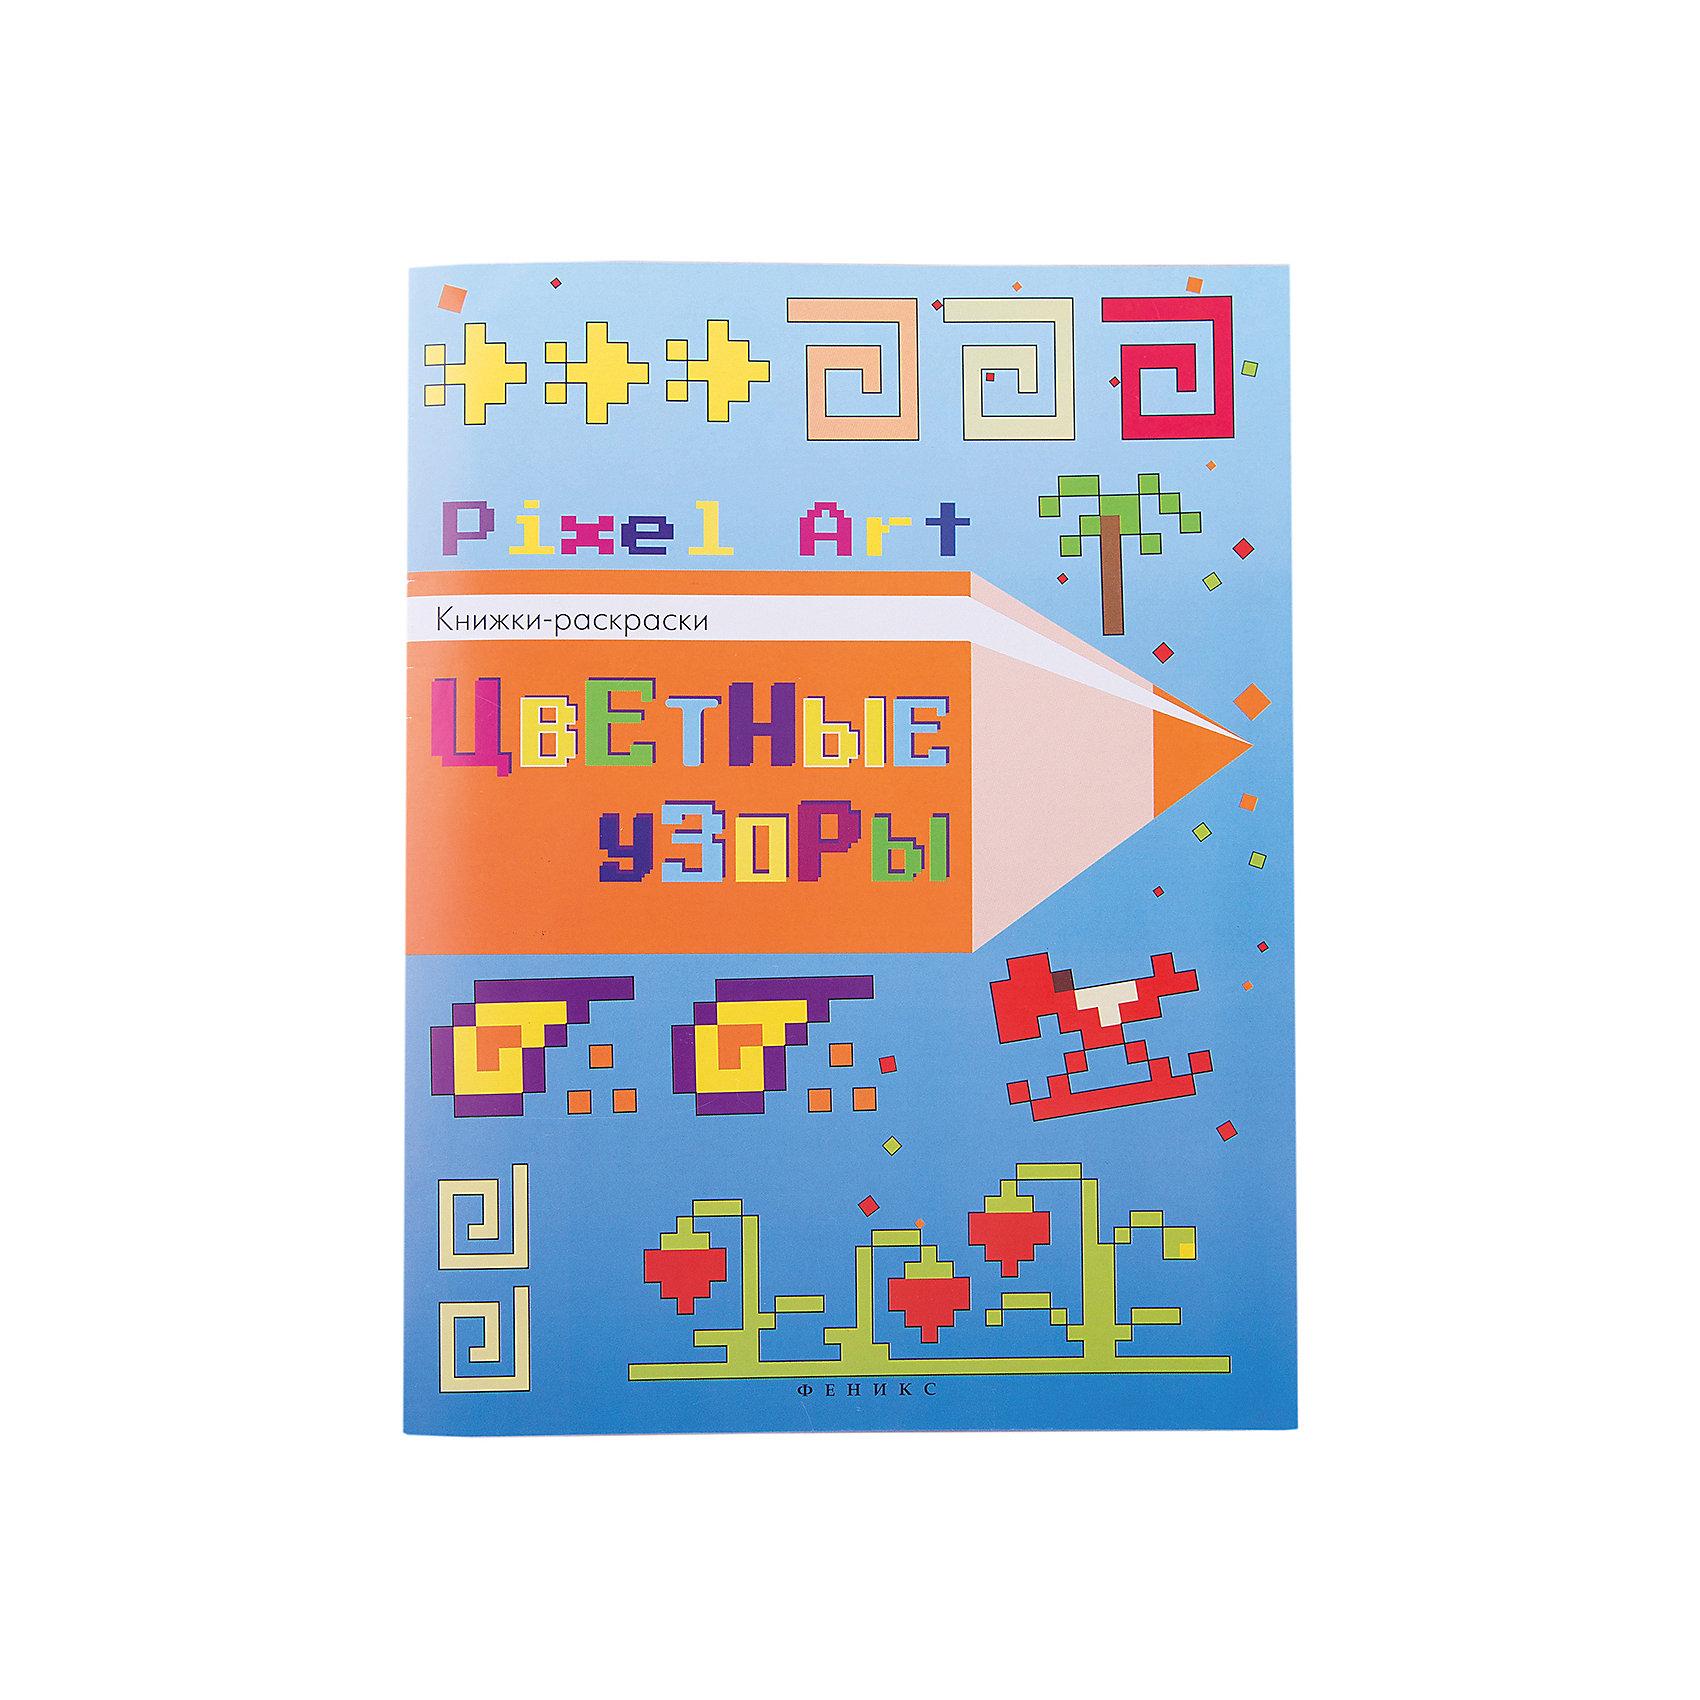 Цветные узоры: книжка-раскраскаРисование<br>Эта книга для творчества — необычная, по пикселям: рисунок получается, если раскрасить точно такие же клетки, как в образце. Задания сделаны по принципу от простого к сложному. Они отлично развивают пространственное мышление и дисциплинируют. Раскрашиван<br><br>Ширина мм: 260<br>Глубина мм: 3<br>Высота мм: 199<br>Вес г: 100<br>Возраст от месяцев: 12<br>Возраст до месяцев: 60<br>Пол: Унисекс<br>Возраст: Детский<br>SKU: 5120152